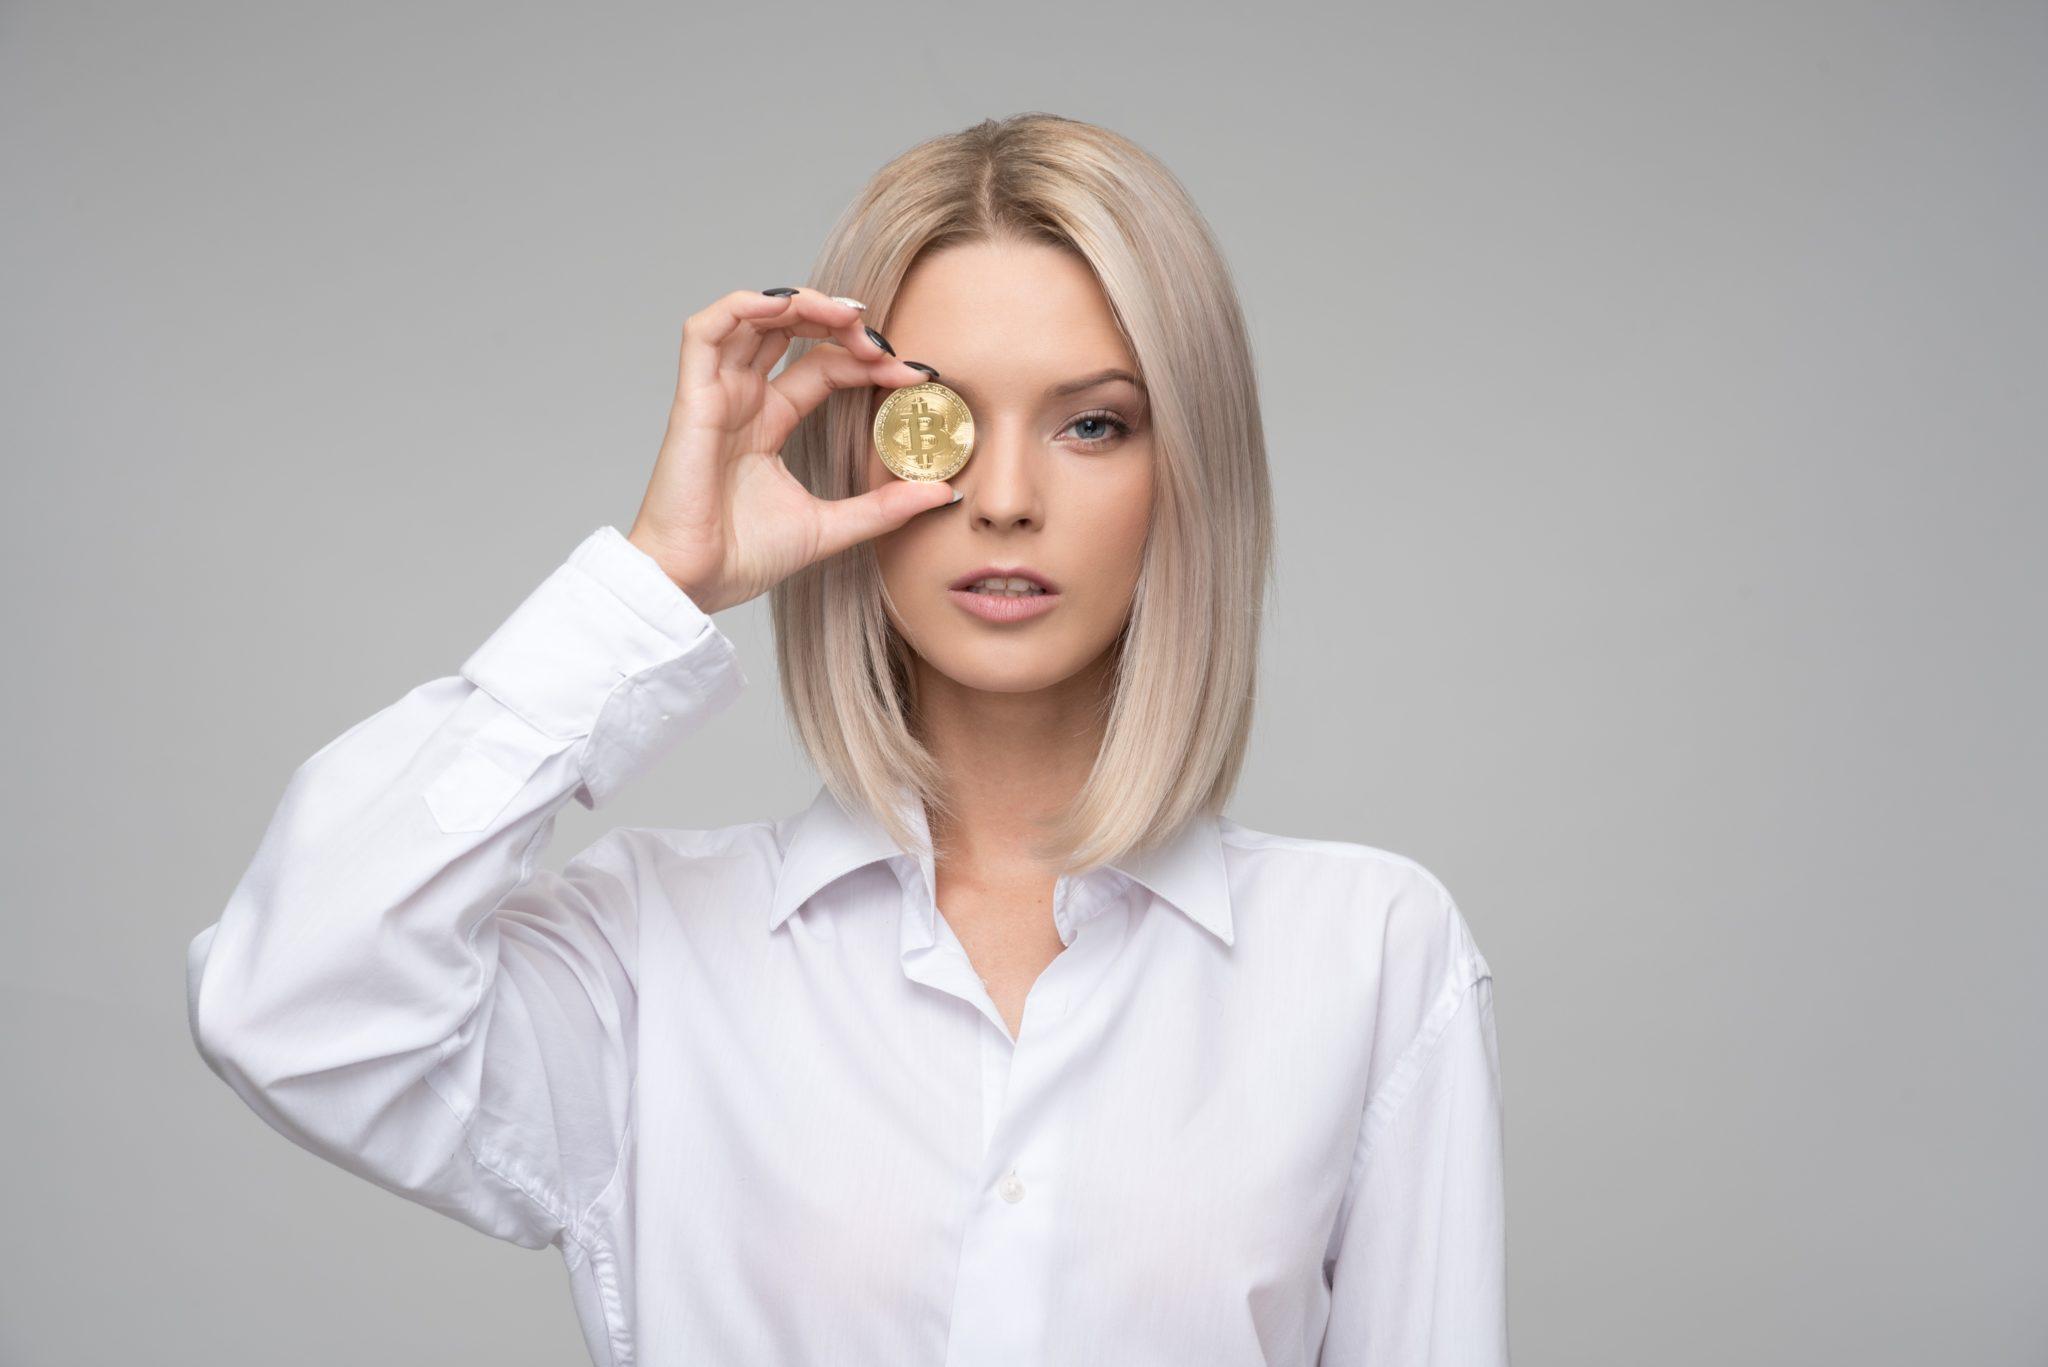 Как привлечь денежную удачу: амулеты, символы, заговоры